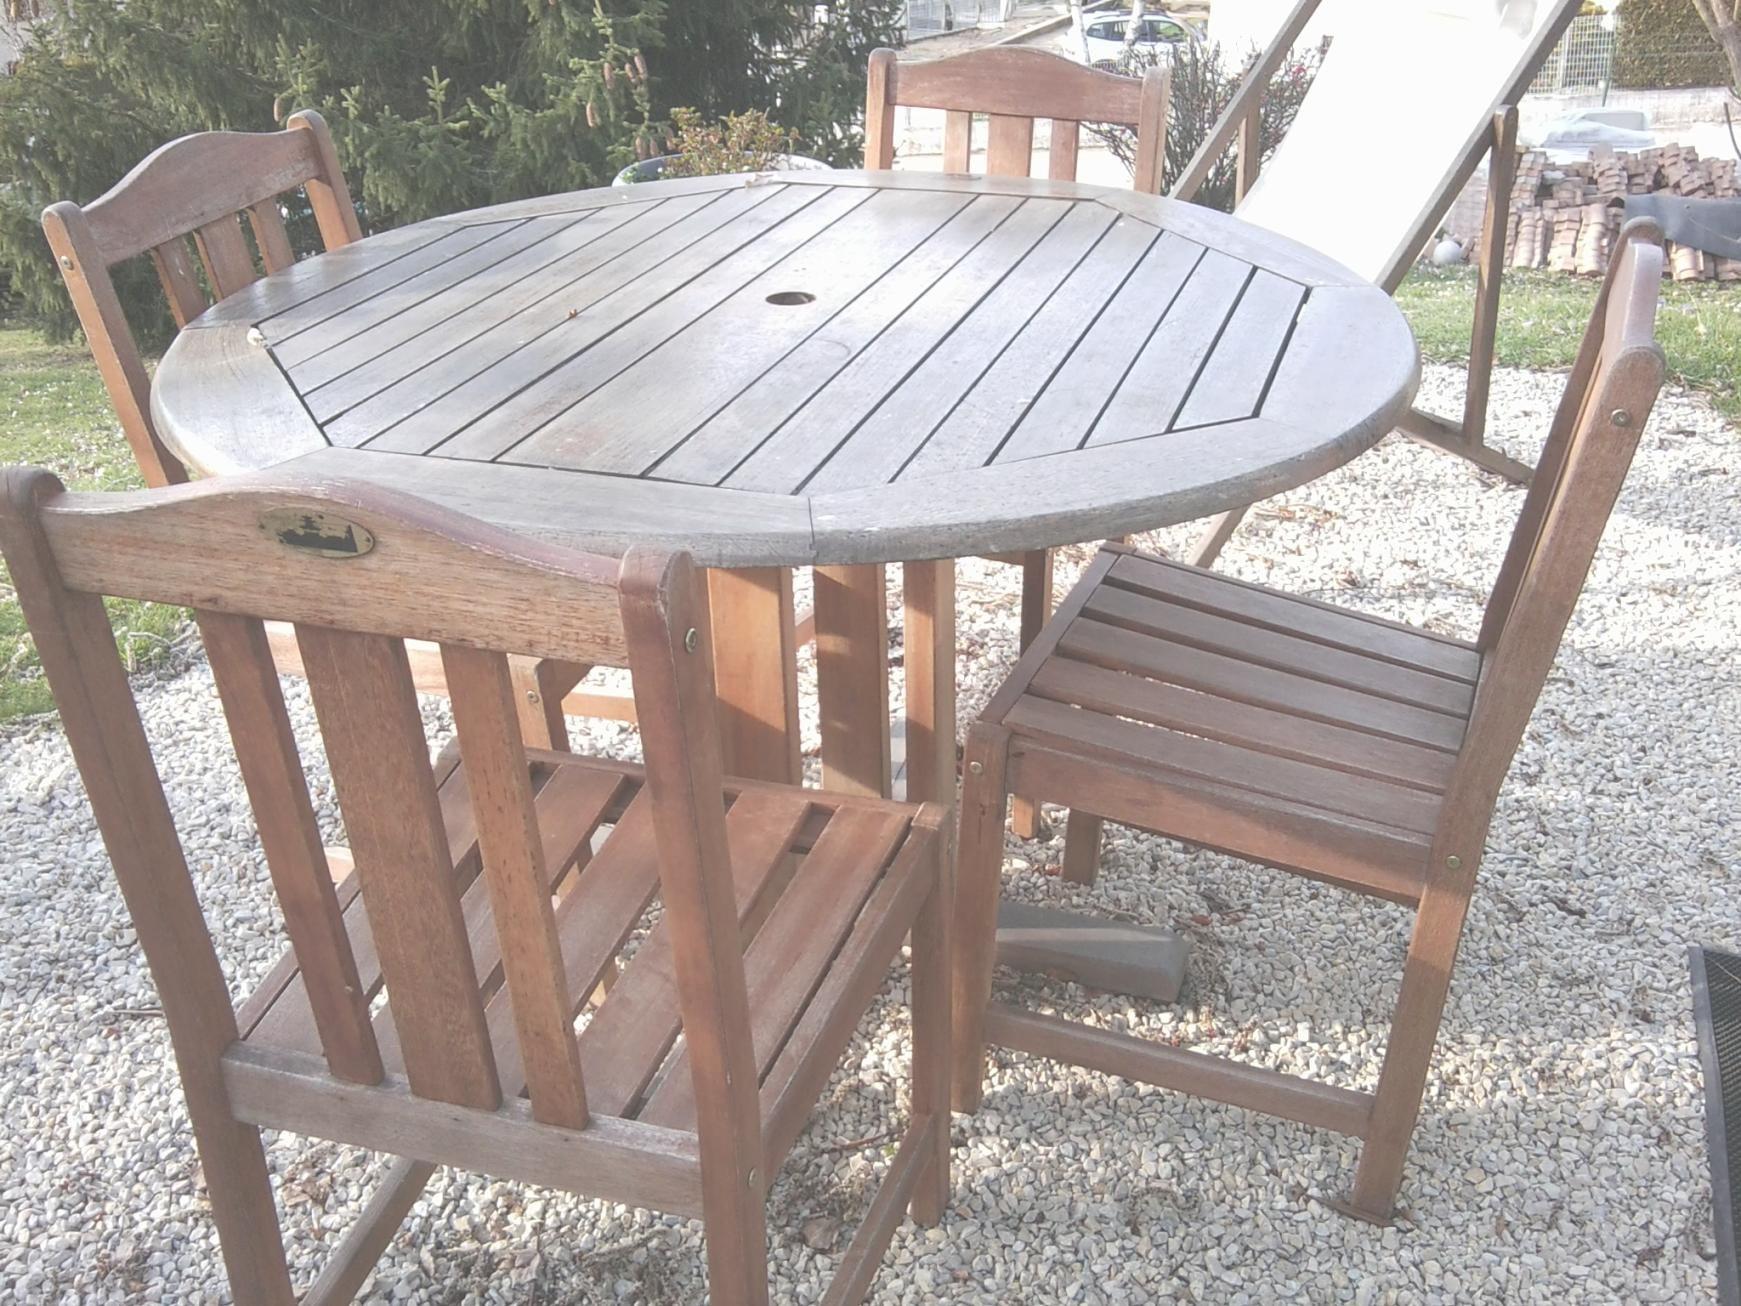 Nettoyage salon de jardin en bois exotique - Jardin piscine et Cabane